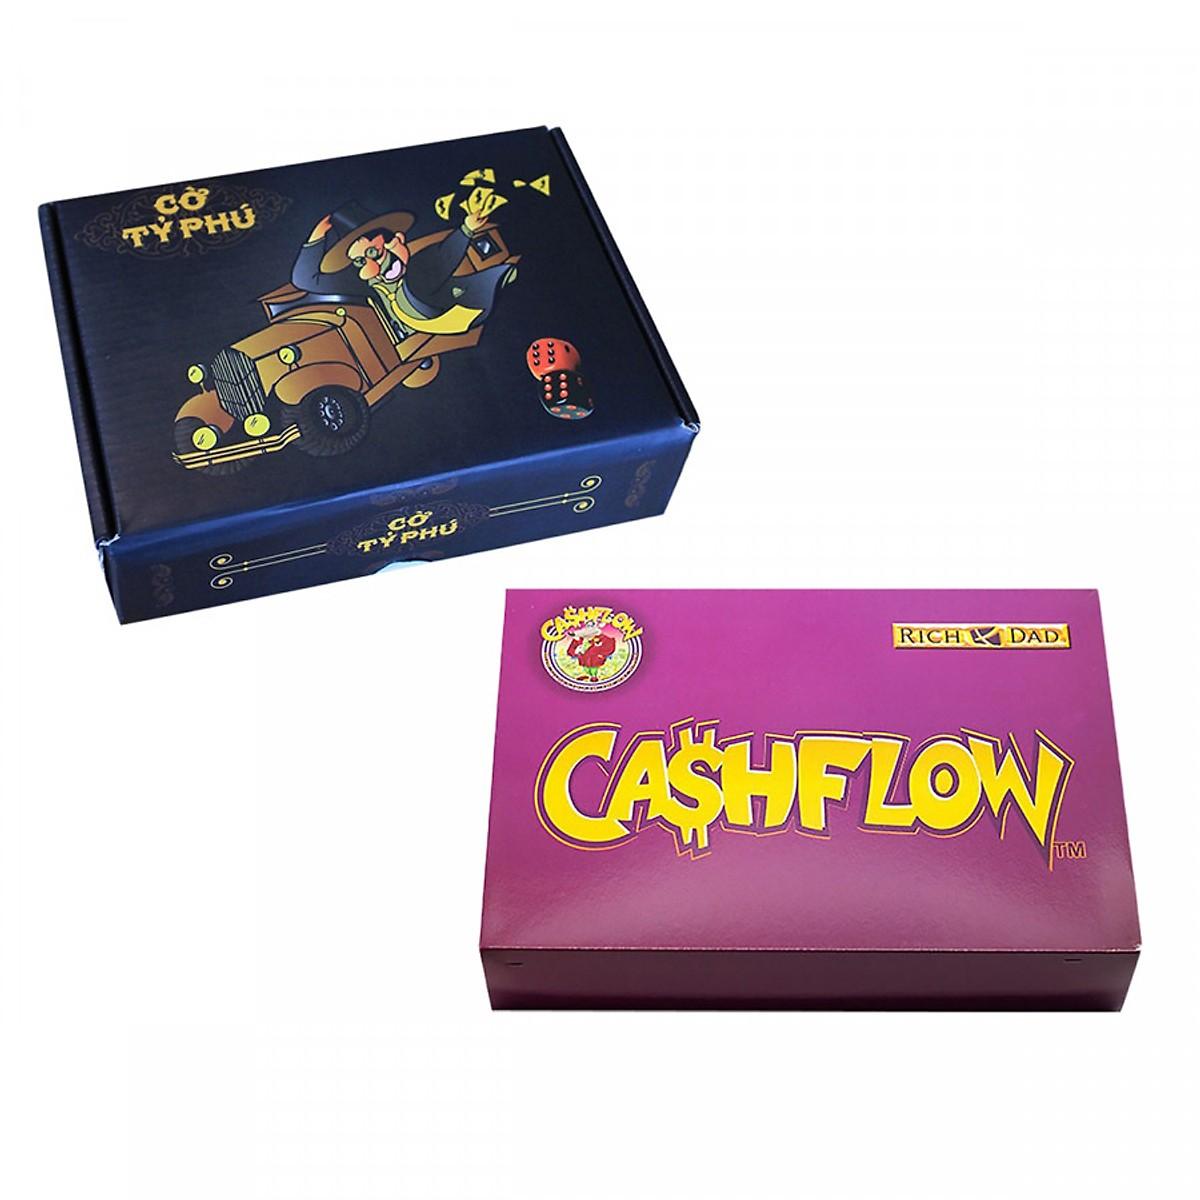 SET Học Làm Giàu: Combo CashFlow + Cờ Tỷ Phú Việt Nam